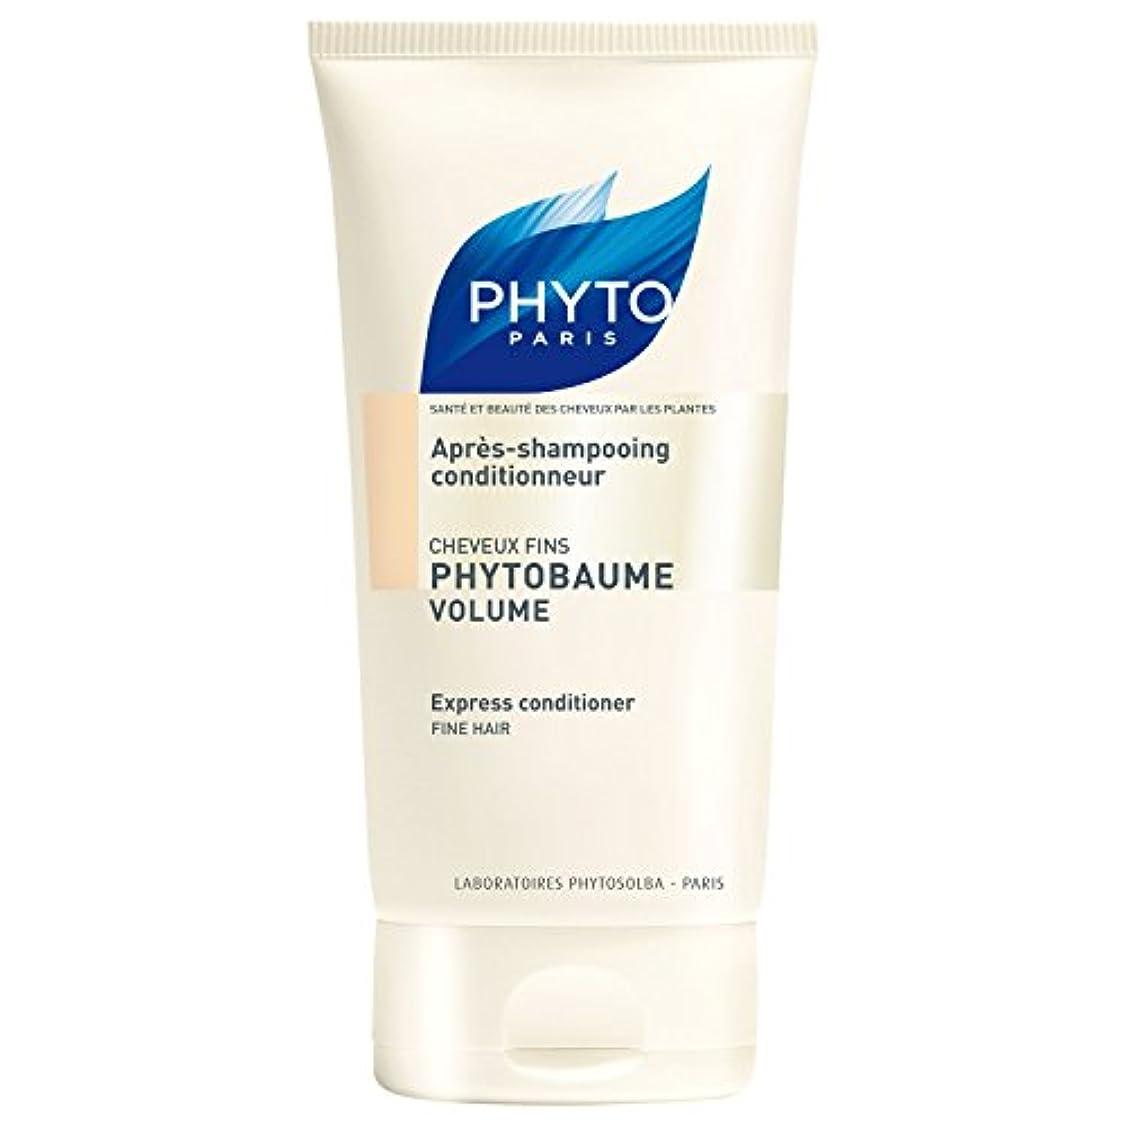 オーロック憧れ貧困細い髪の150ミリリットルのためのフィトPhytobaumeボリュームエクスプレスコンディショナー (Phyto) (x2) - Phyto Phytobaume Volume Express Conditioner for...